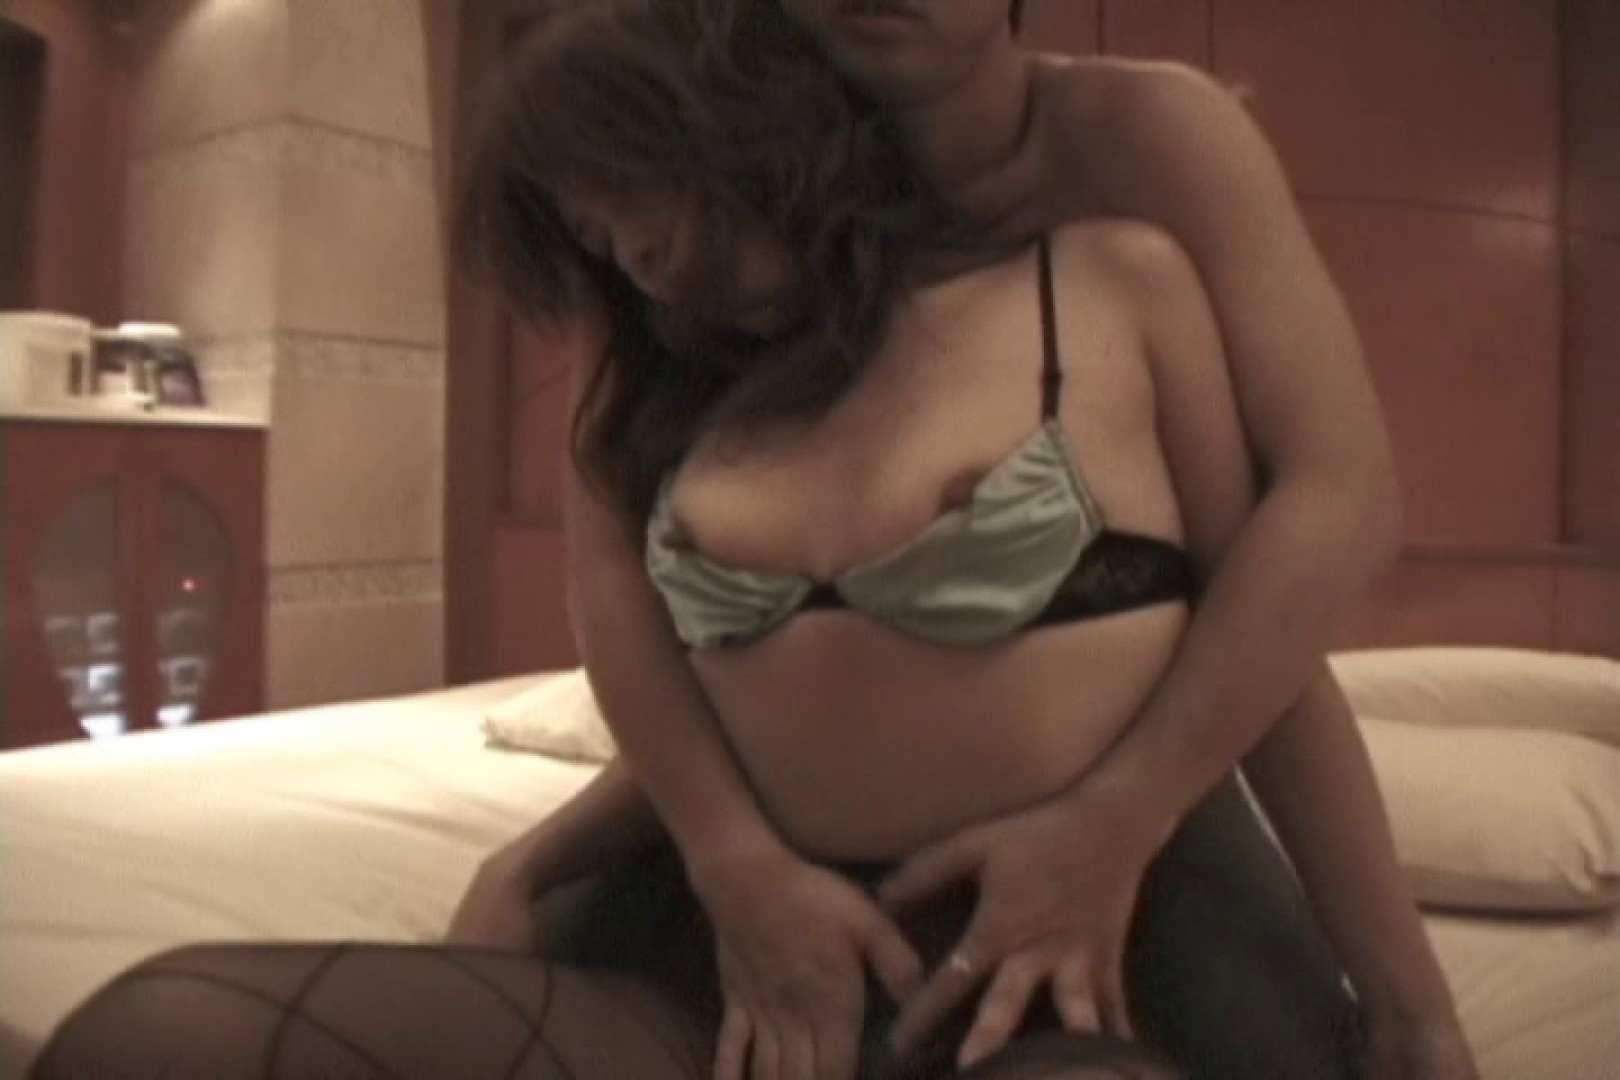 敏感な私の体を好きにして~川田さやか~ お姉さん達の乳首  76枚 54